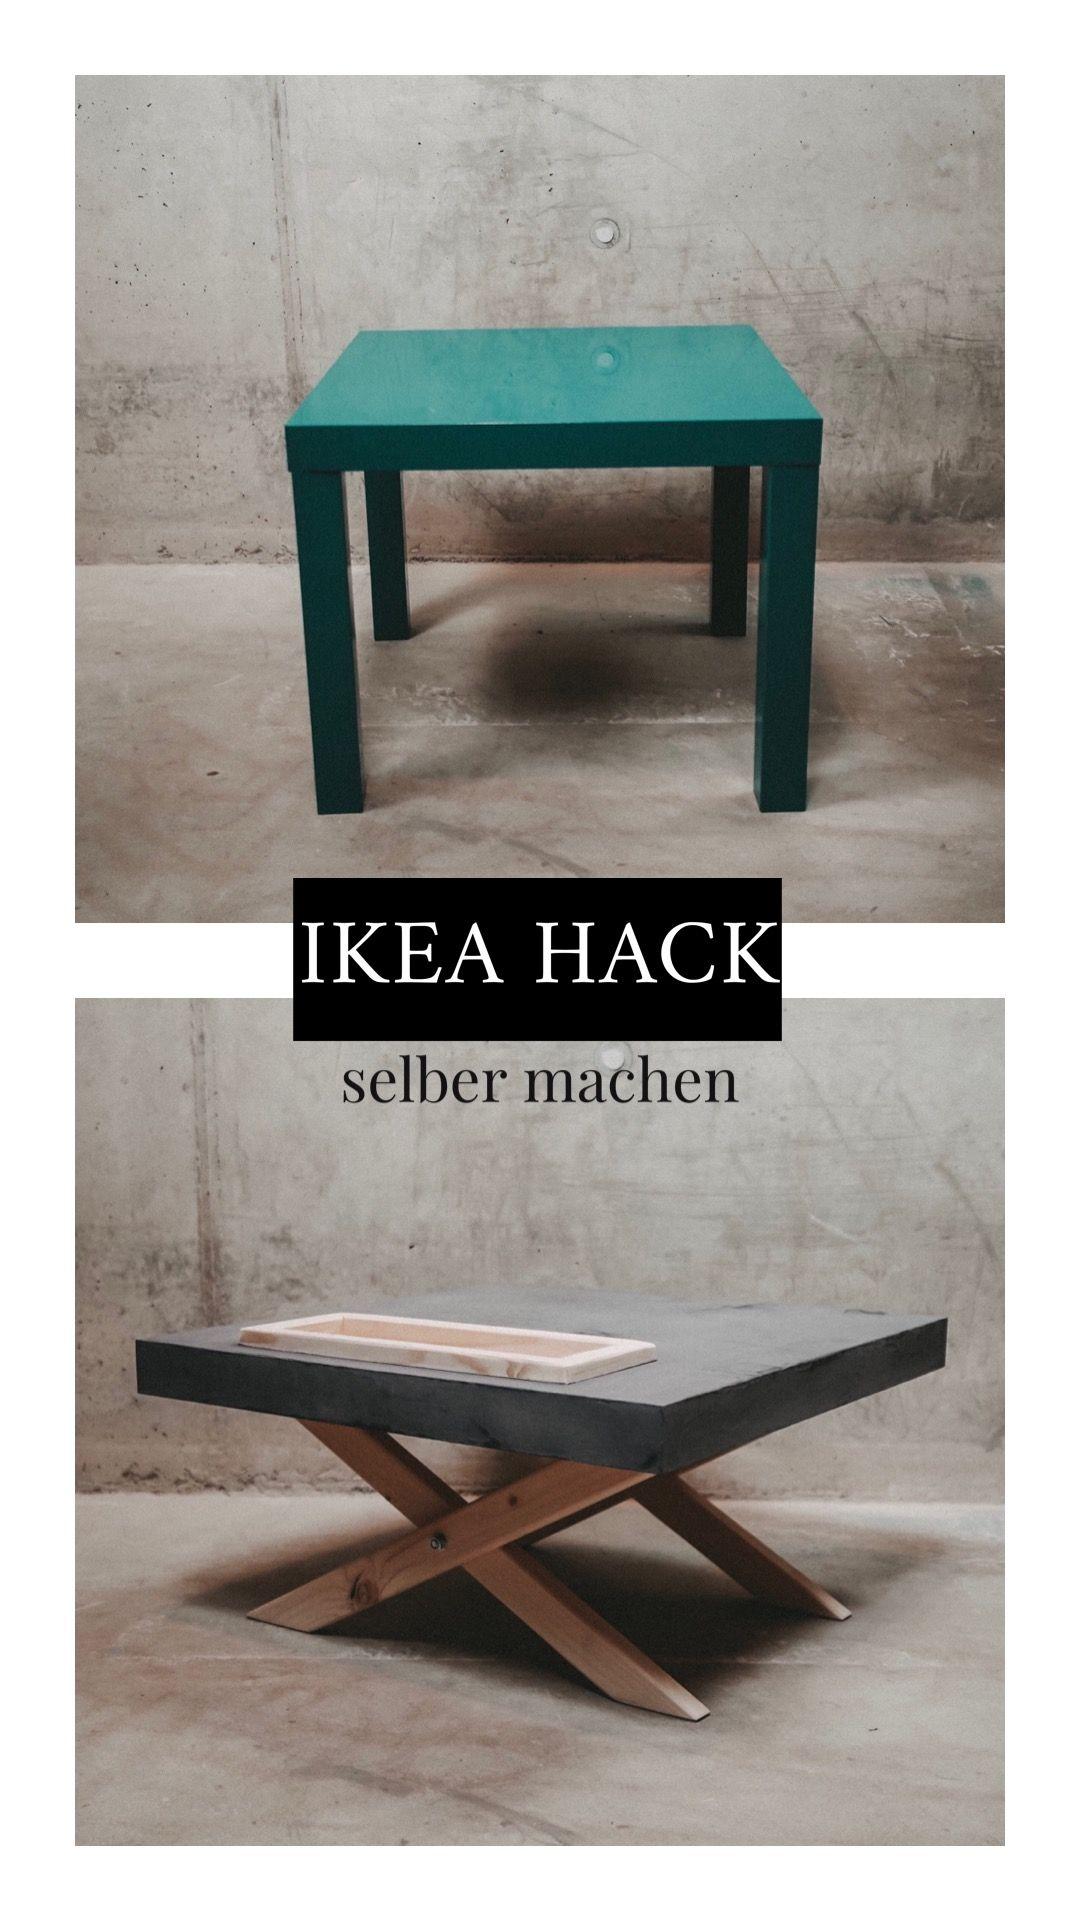 Ikea Lack Tisch Hack Upcycling Zum Beton Tisch Ikea Lack Tisch Ikea Lack Tisch Hack Ikea Mangel